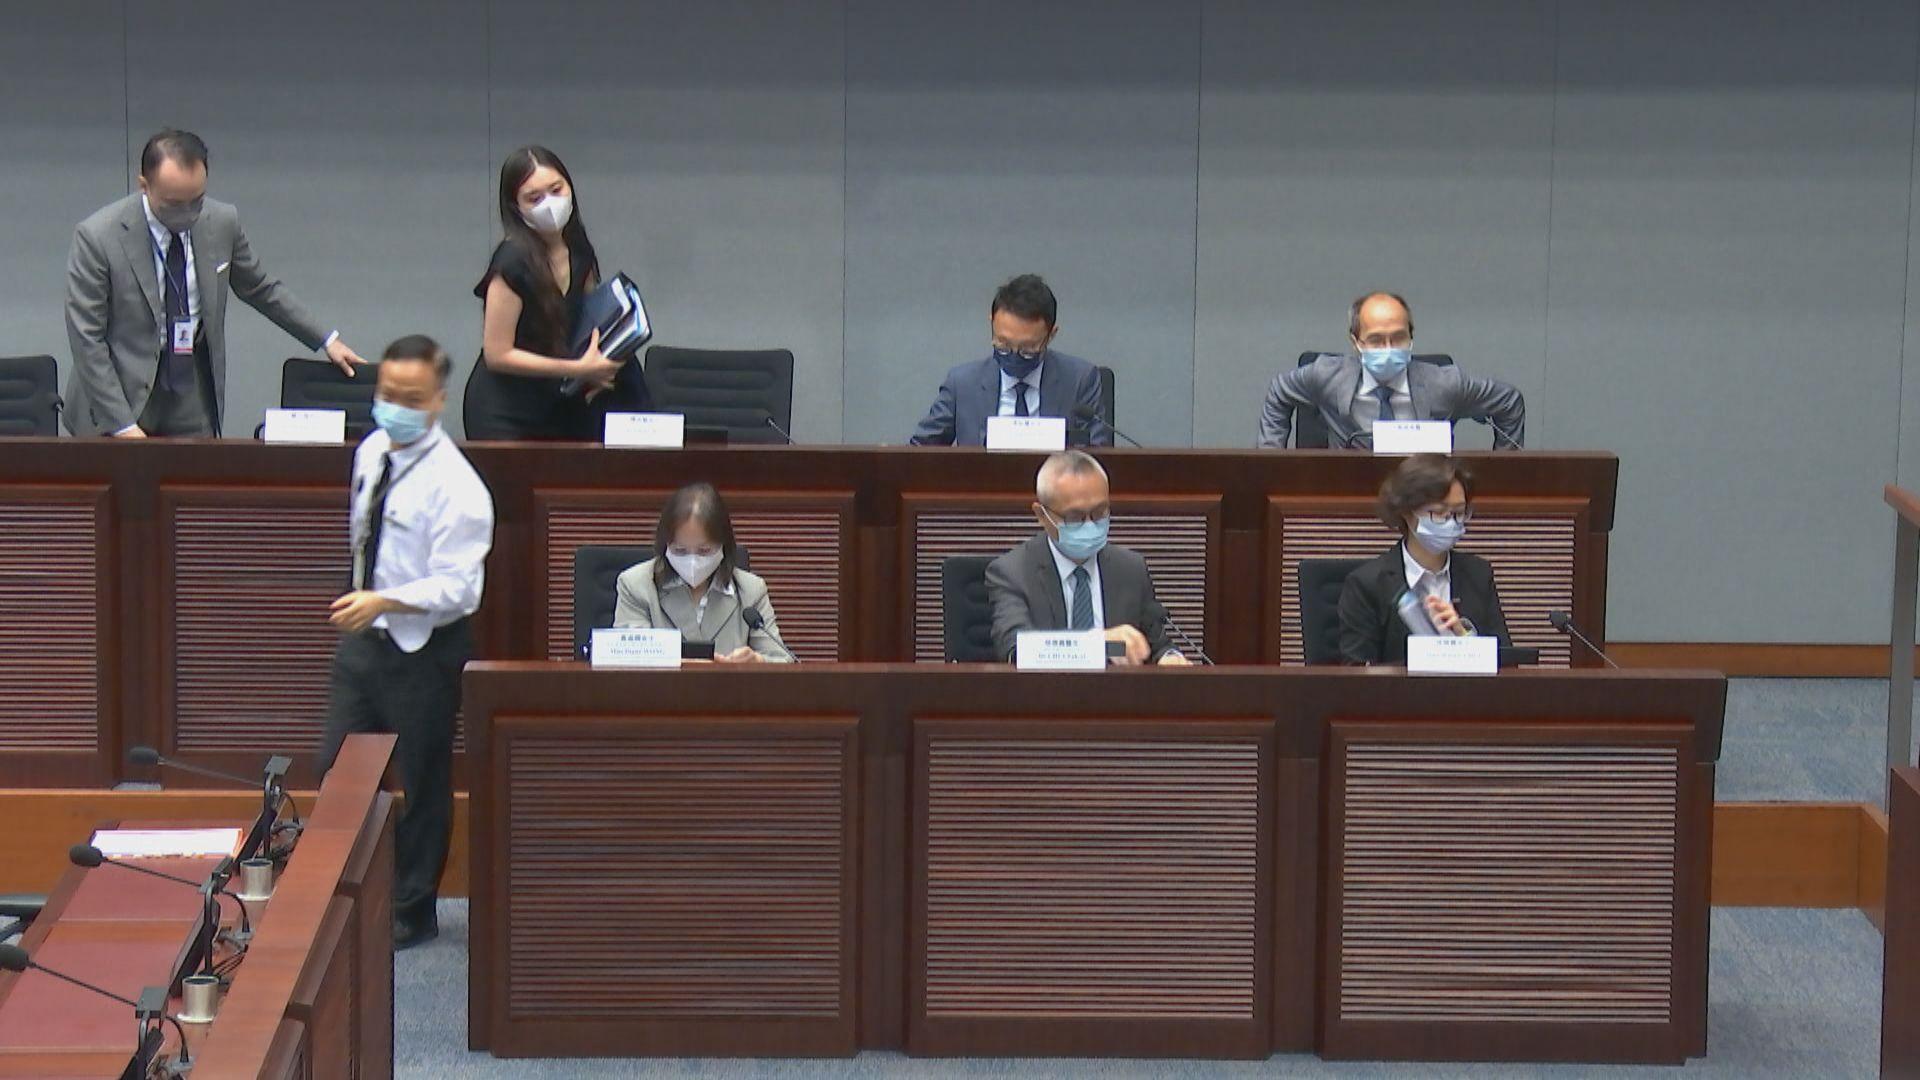 徐德義:回港易計劃是由政制及內地事務局統籌